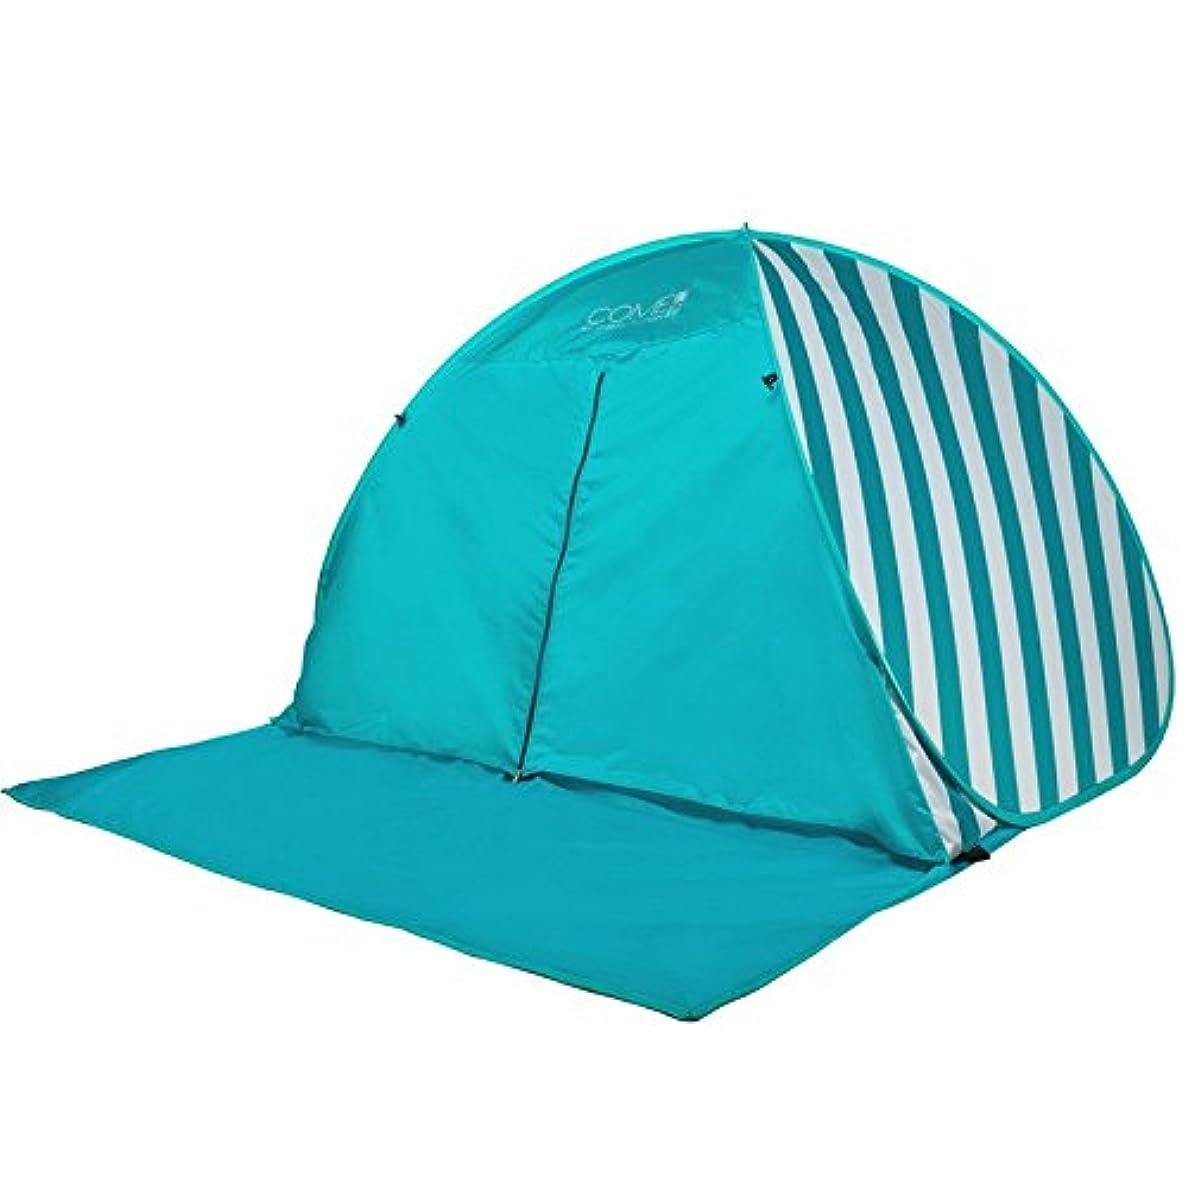 受け取る耐えられない薬を飲むWppolika 屋外の自動キャンプのテント日よけのテントキャンプ用品防水、防雨、UV耐性大屋外イ??ンストールが簡単ポータブル3-4人